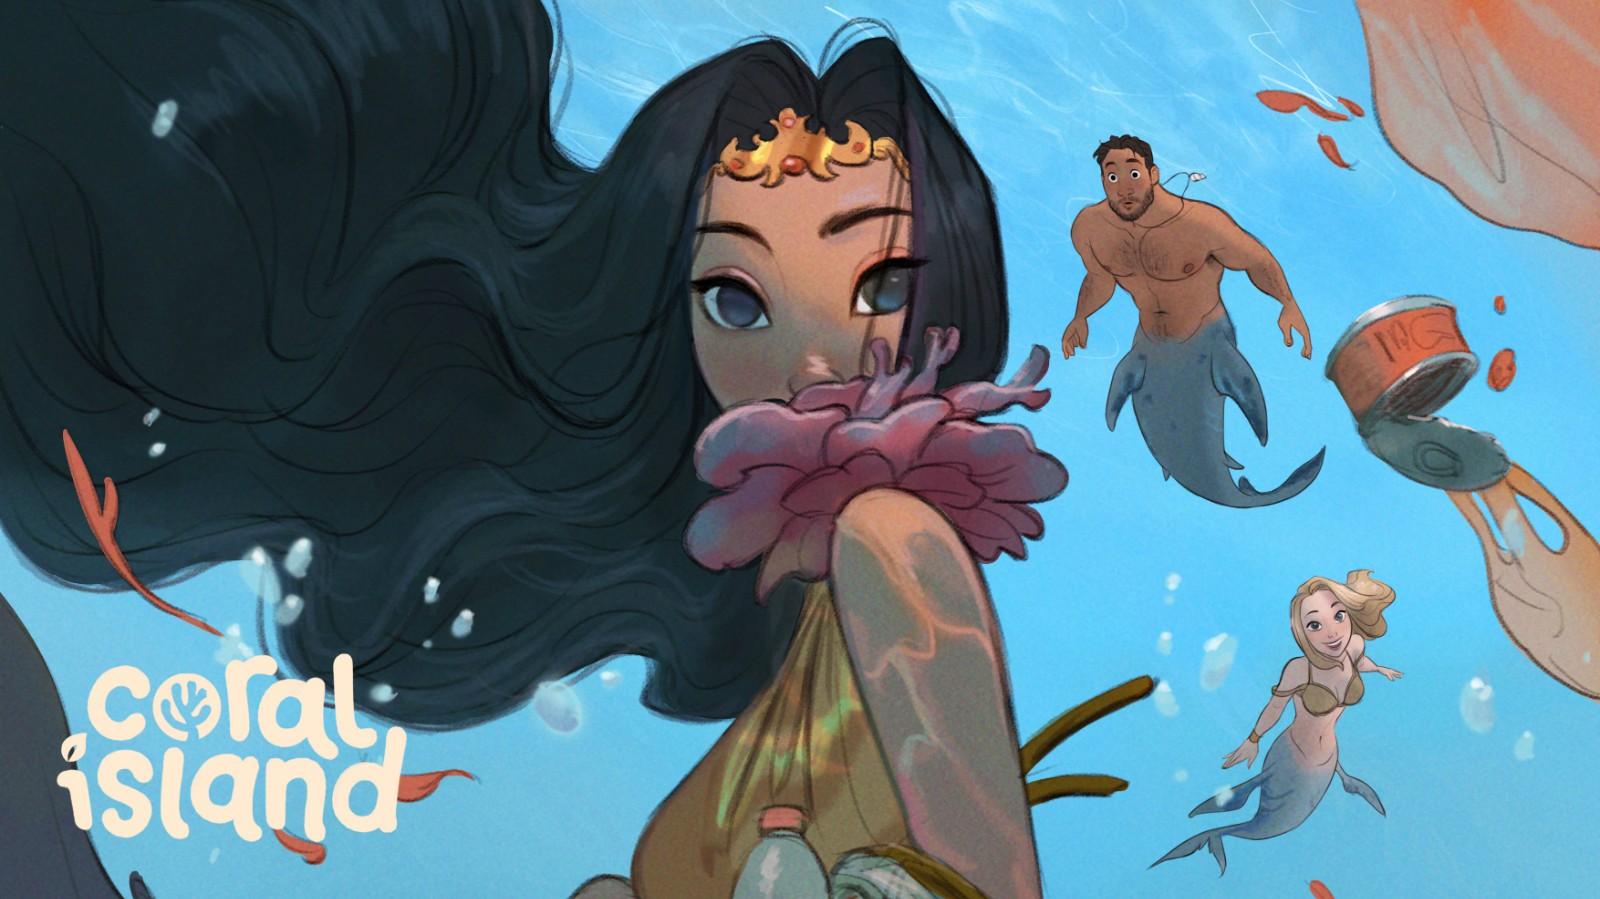 虚幻4种田游戏《珊瑚岛》众筹成功 追加内容及主机版